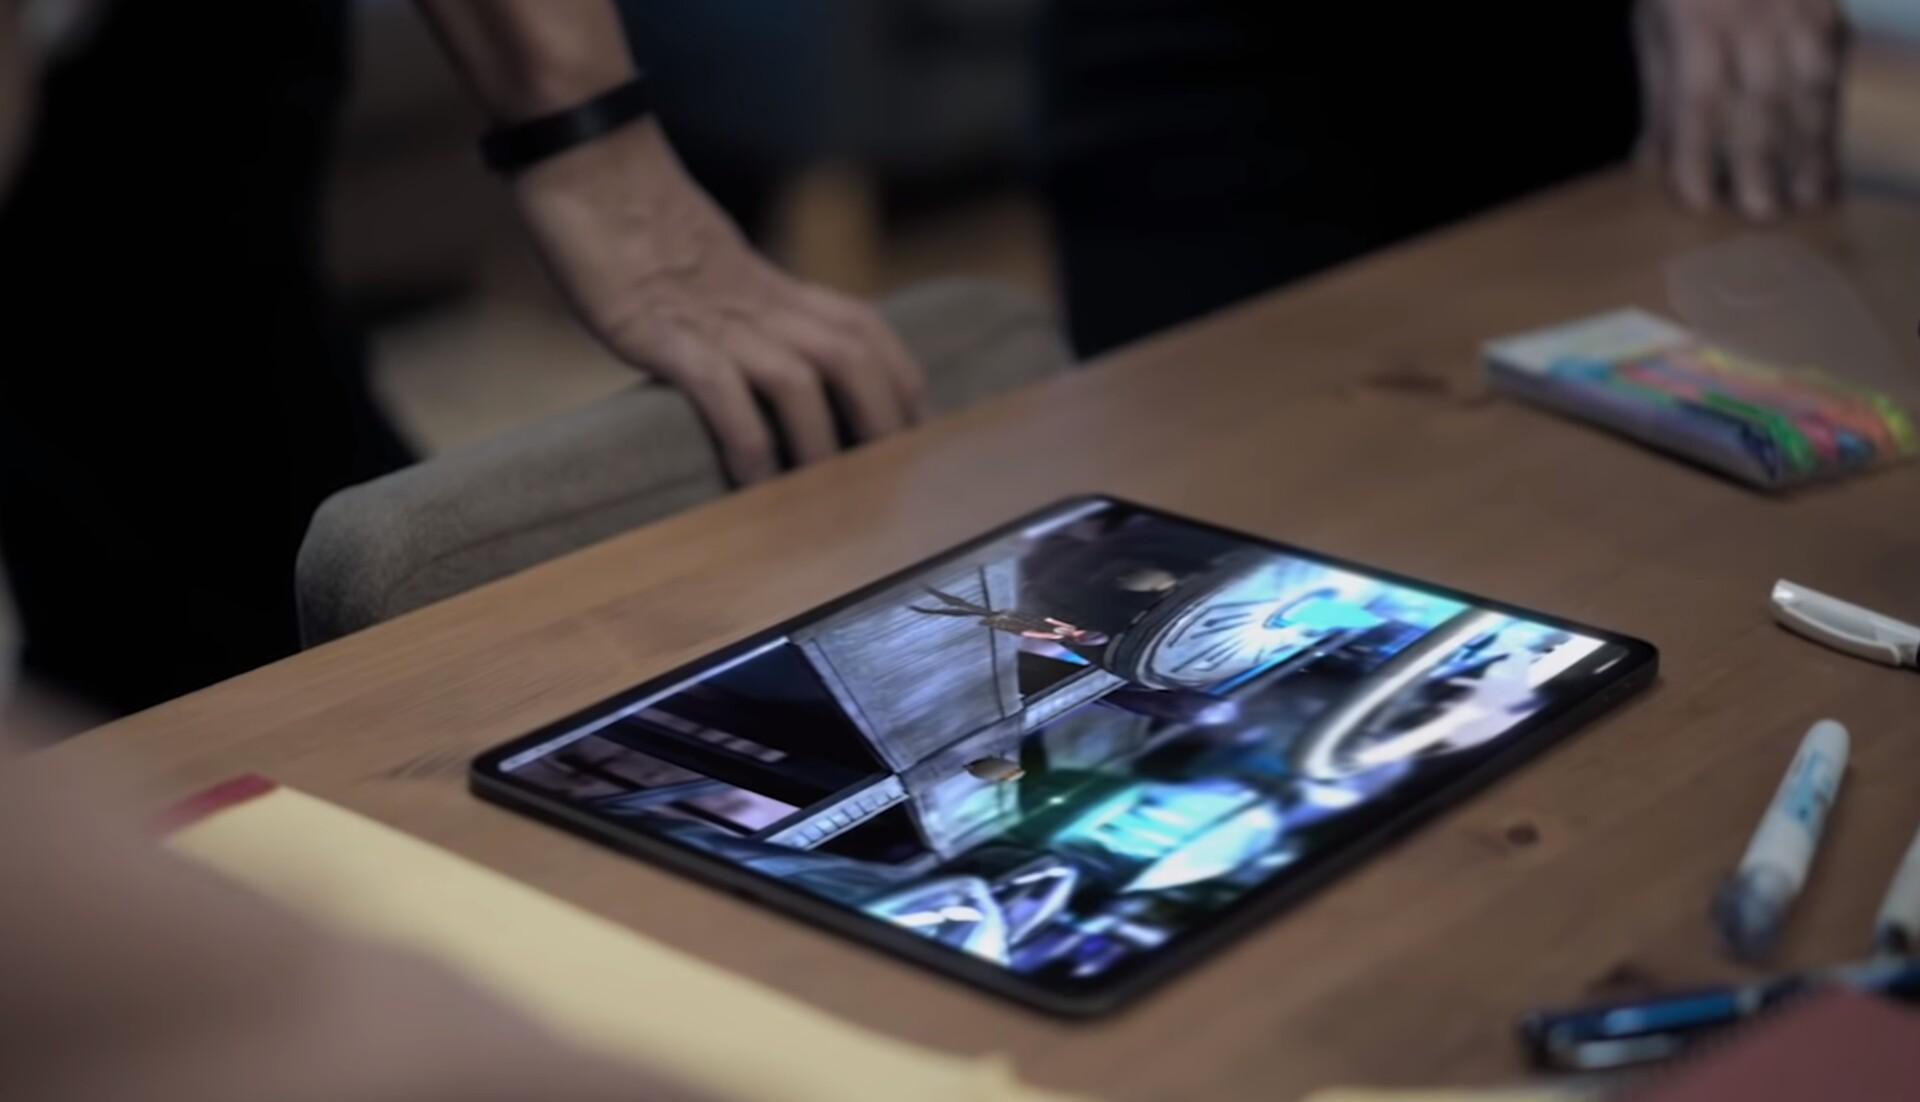 iPad OS may be my gaming saviour